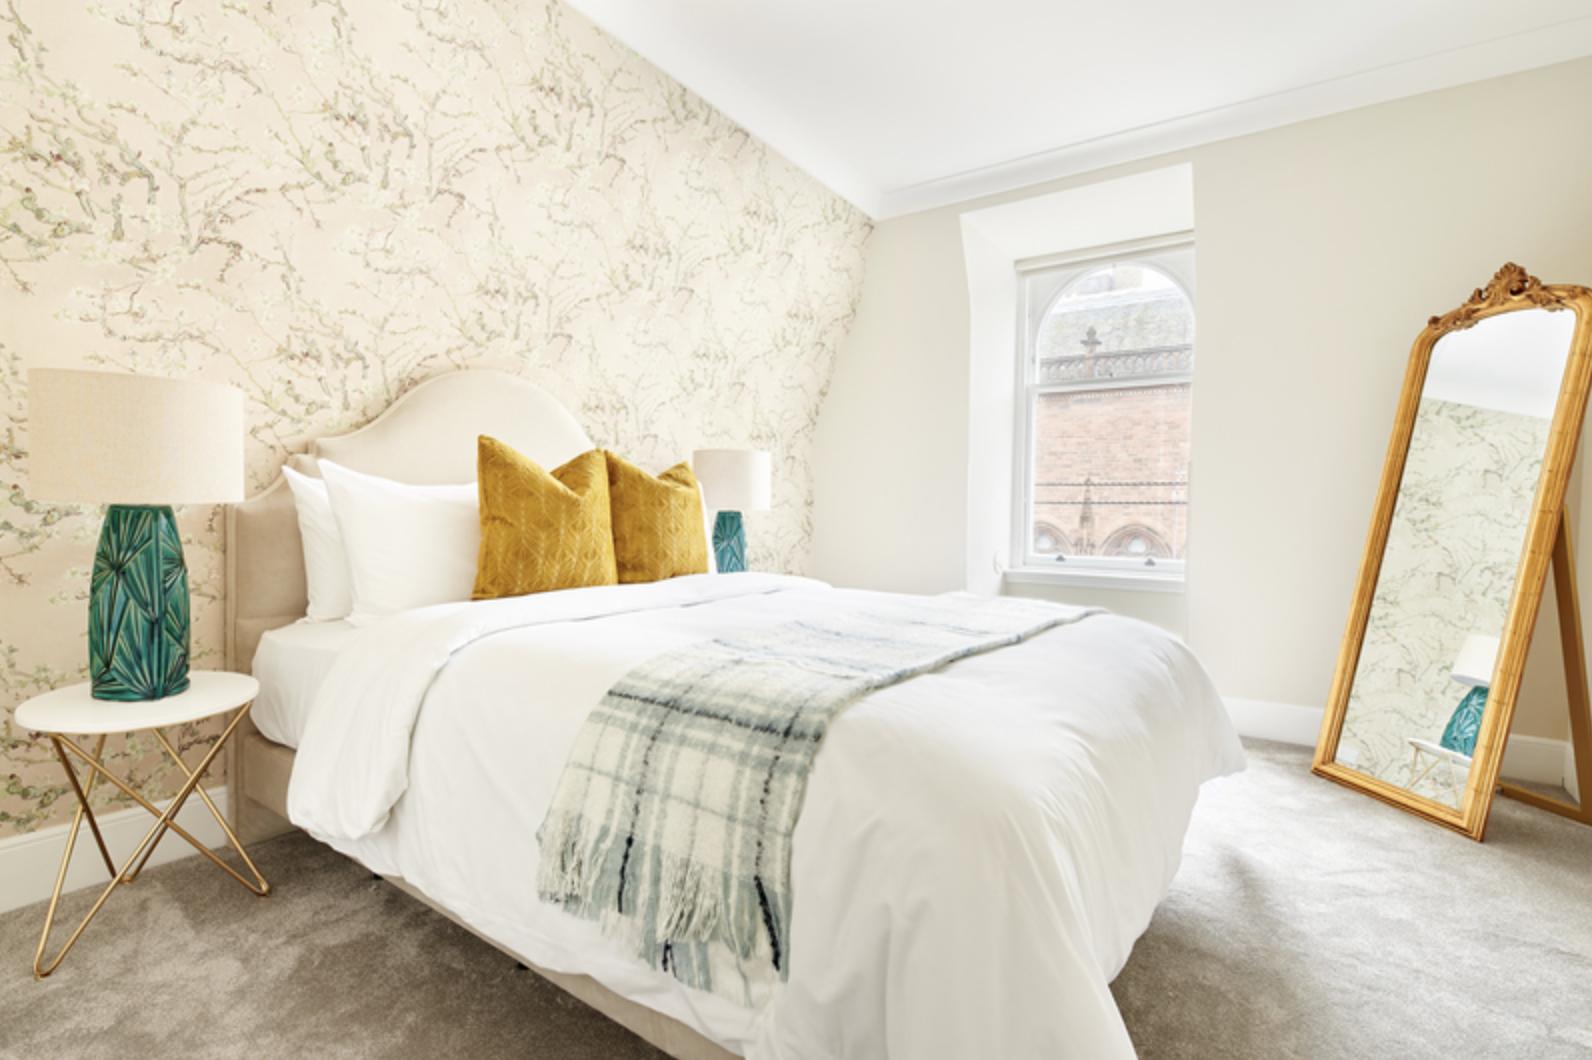 Bedroom at Royal Garden Serviced Apartments, Centre, Edinburgh - Citybase Apartments